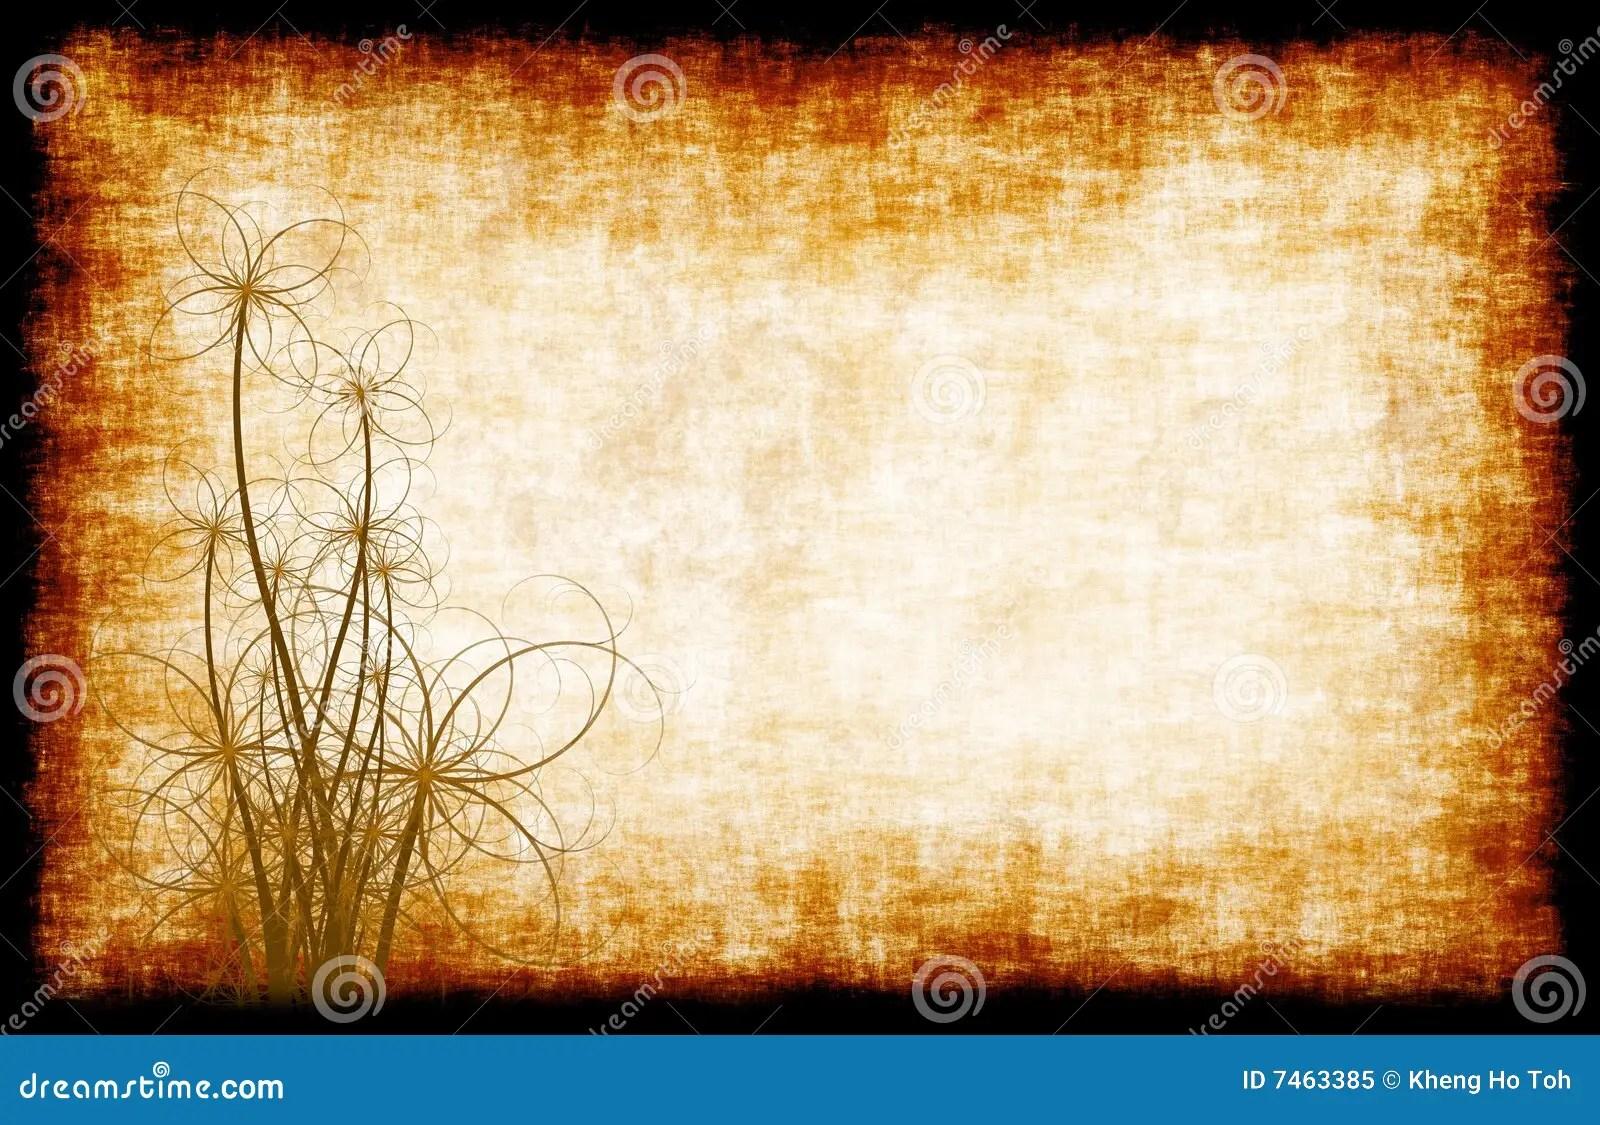 Black Textured Wallpaper Grunge Parchment Floral Stock Illustration Image Of Vine